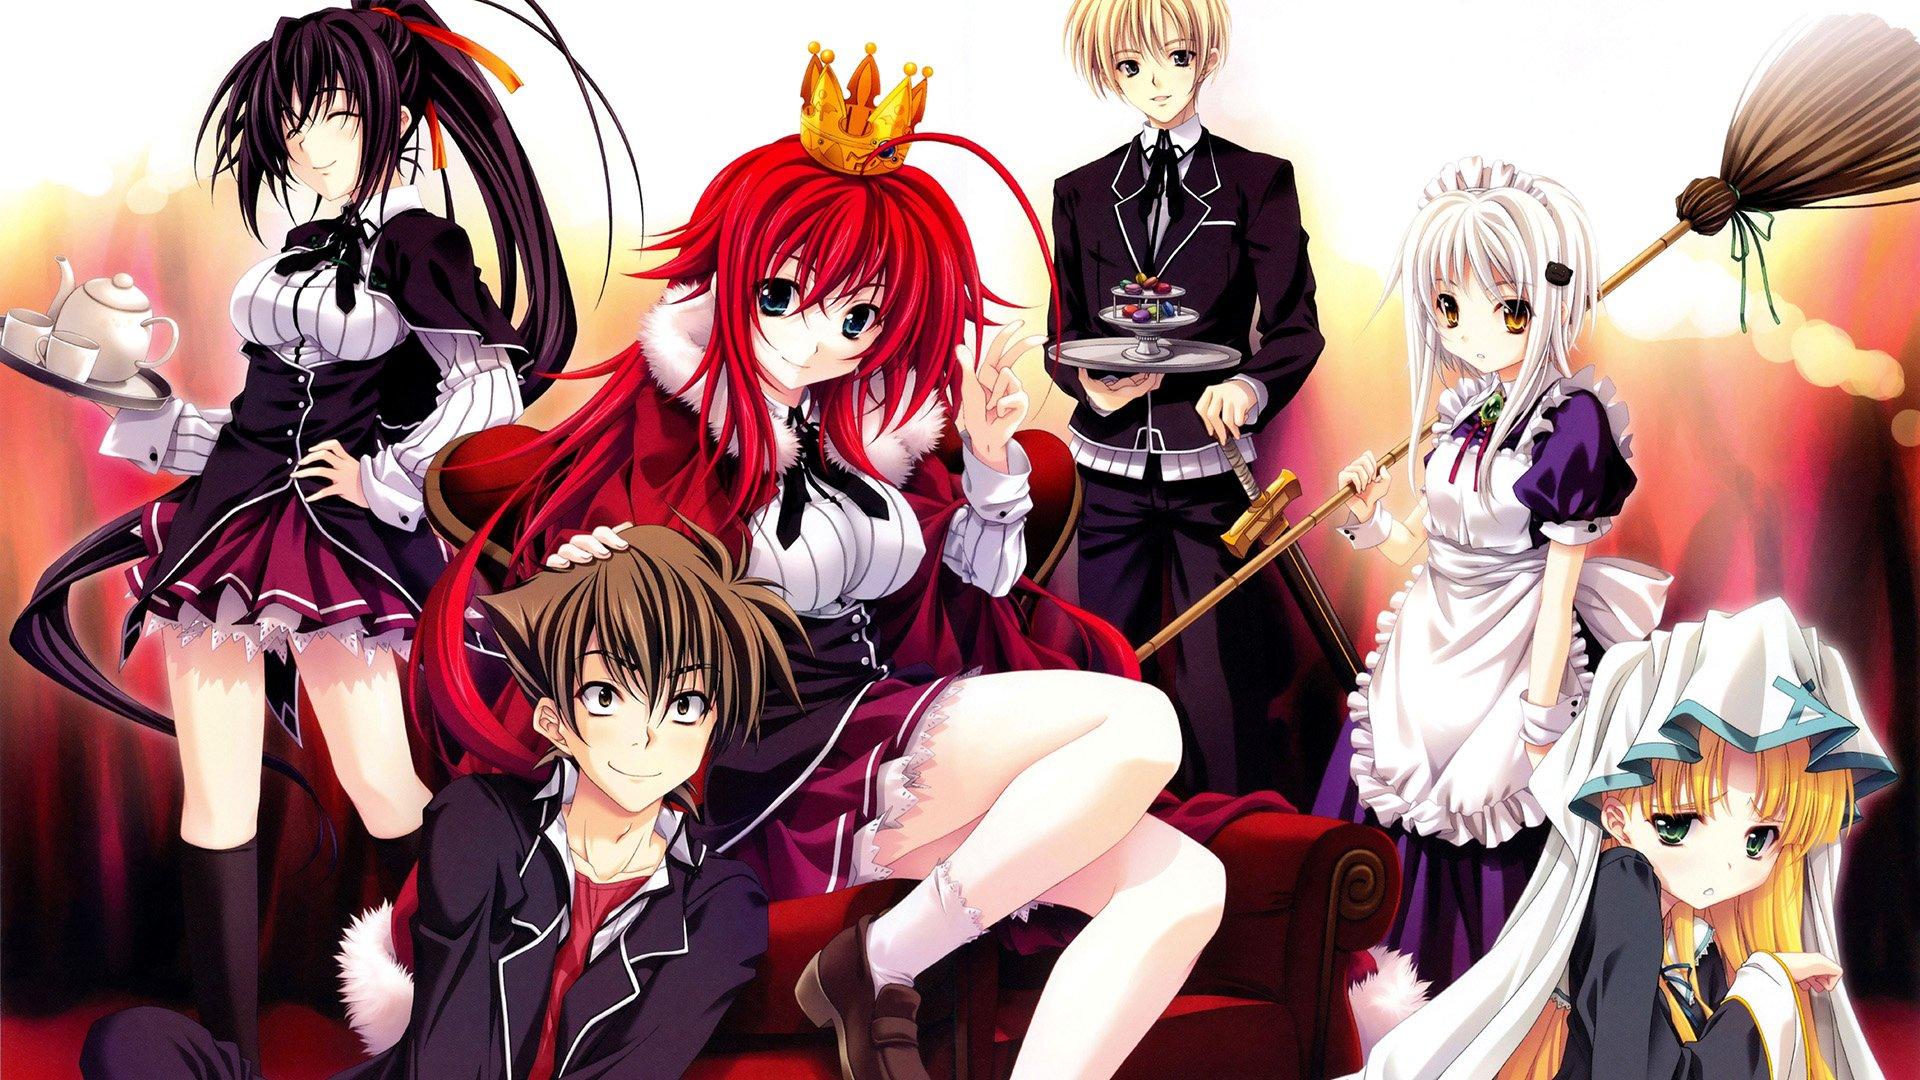 High-School-DxD-p01 - Descargar High School DxD [DxD,New,Born,Hero] Por Mega Ligero - Anime Ligero [Descargas]